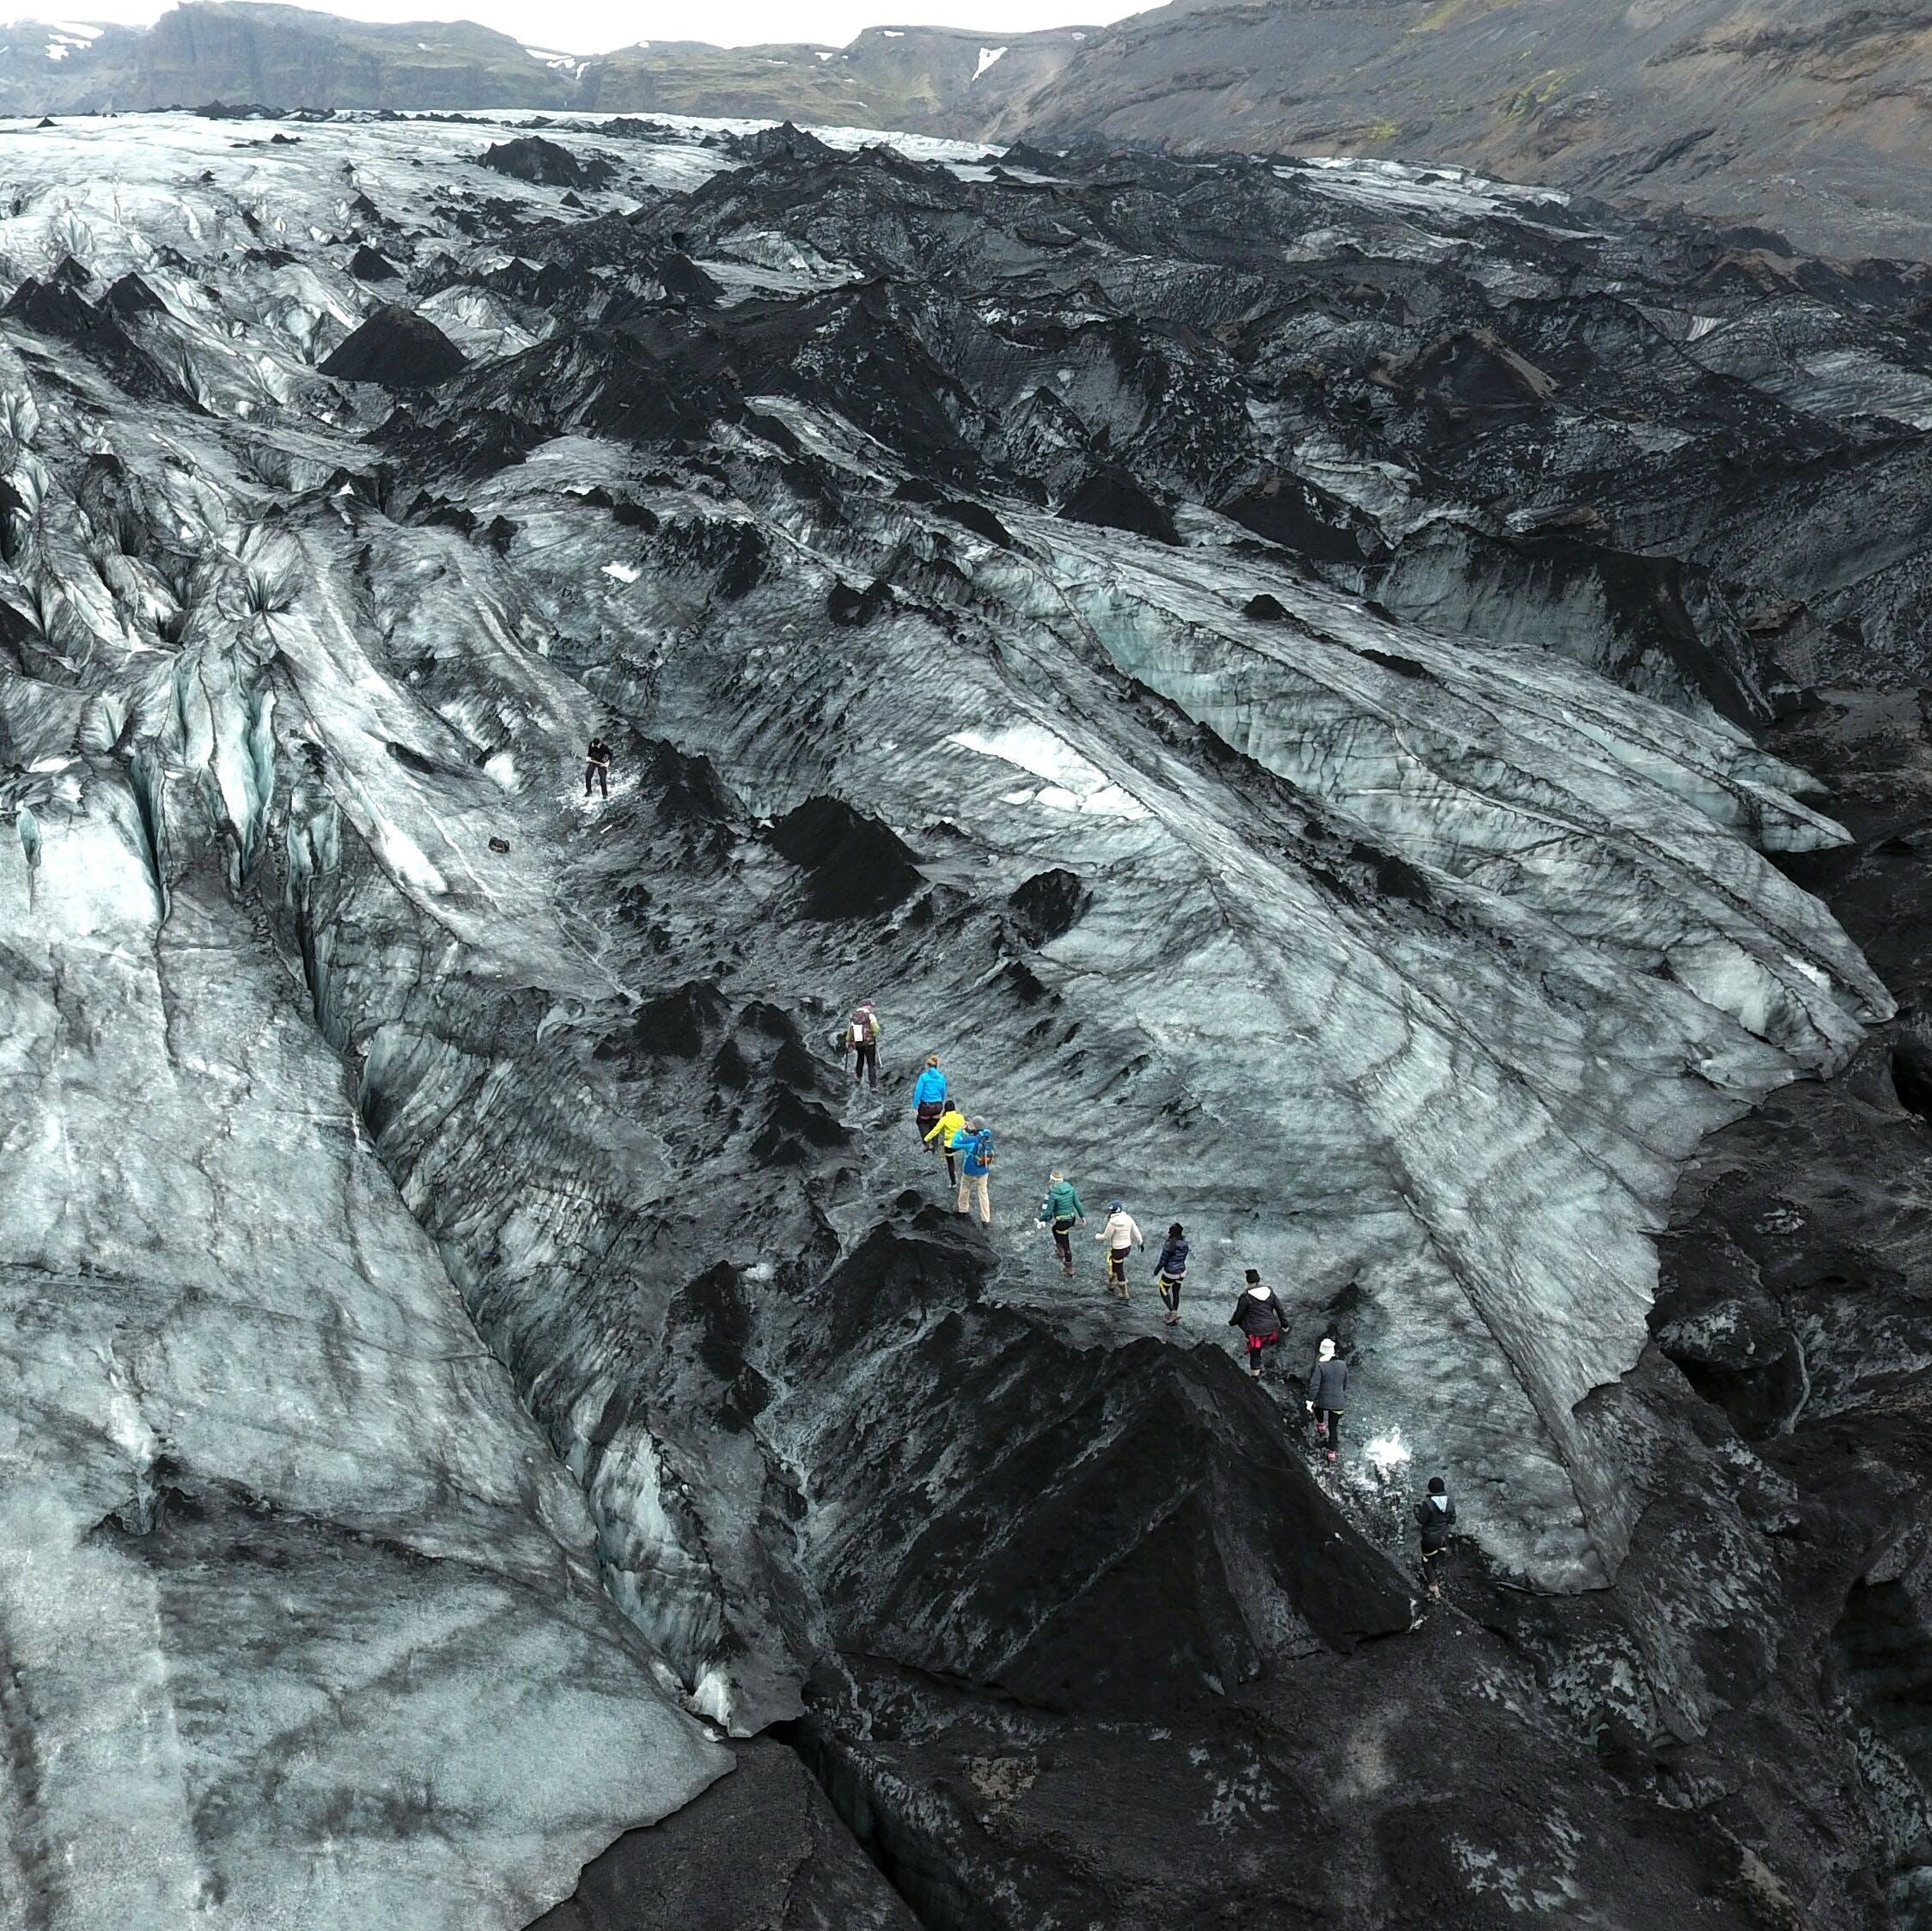 La randonnée sur glacier en Islande